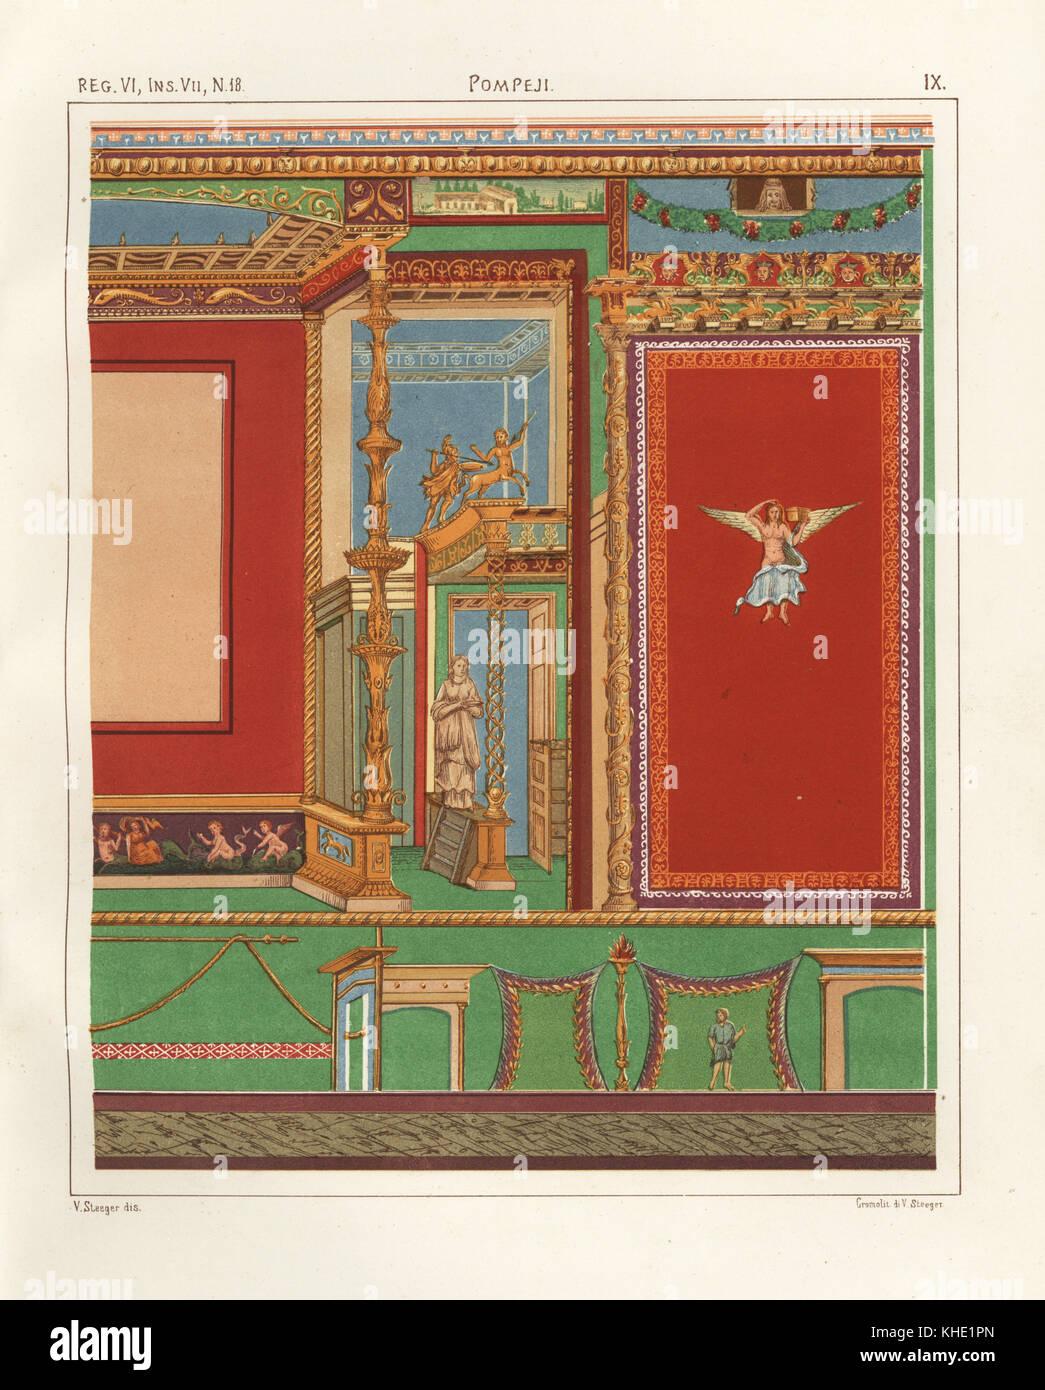 peinture murale dune chambre la domus m asellini ou maison dadonis ou maison de vnus et adonis ou casa di ione ou casa con xyste reg vi718